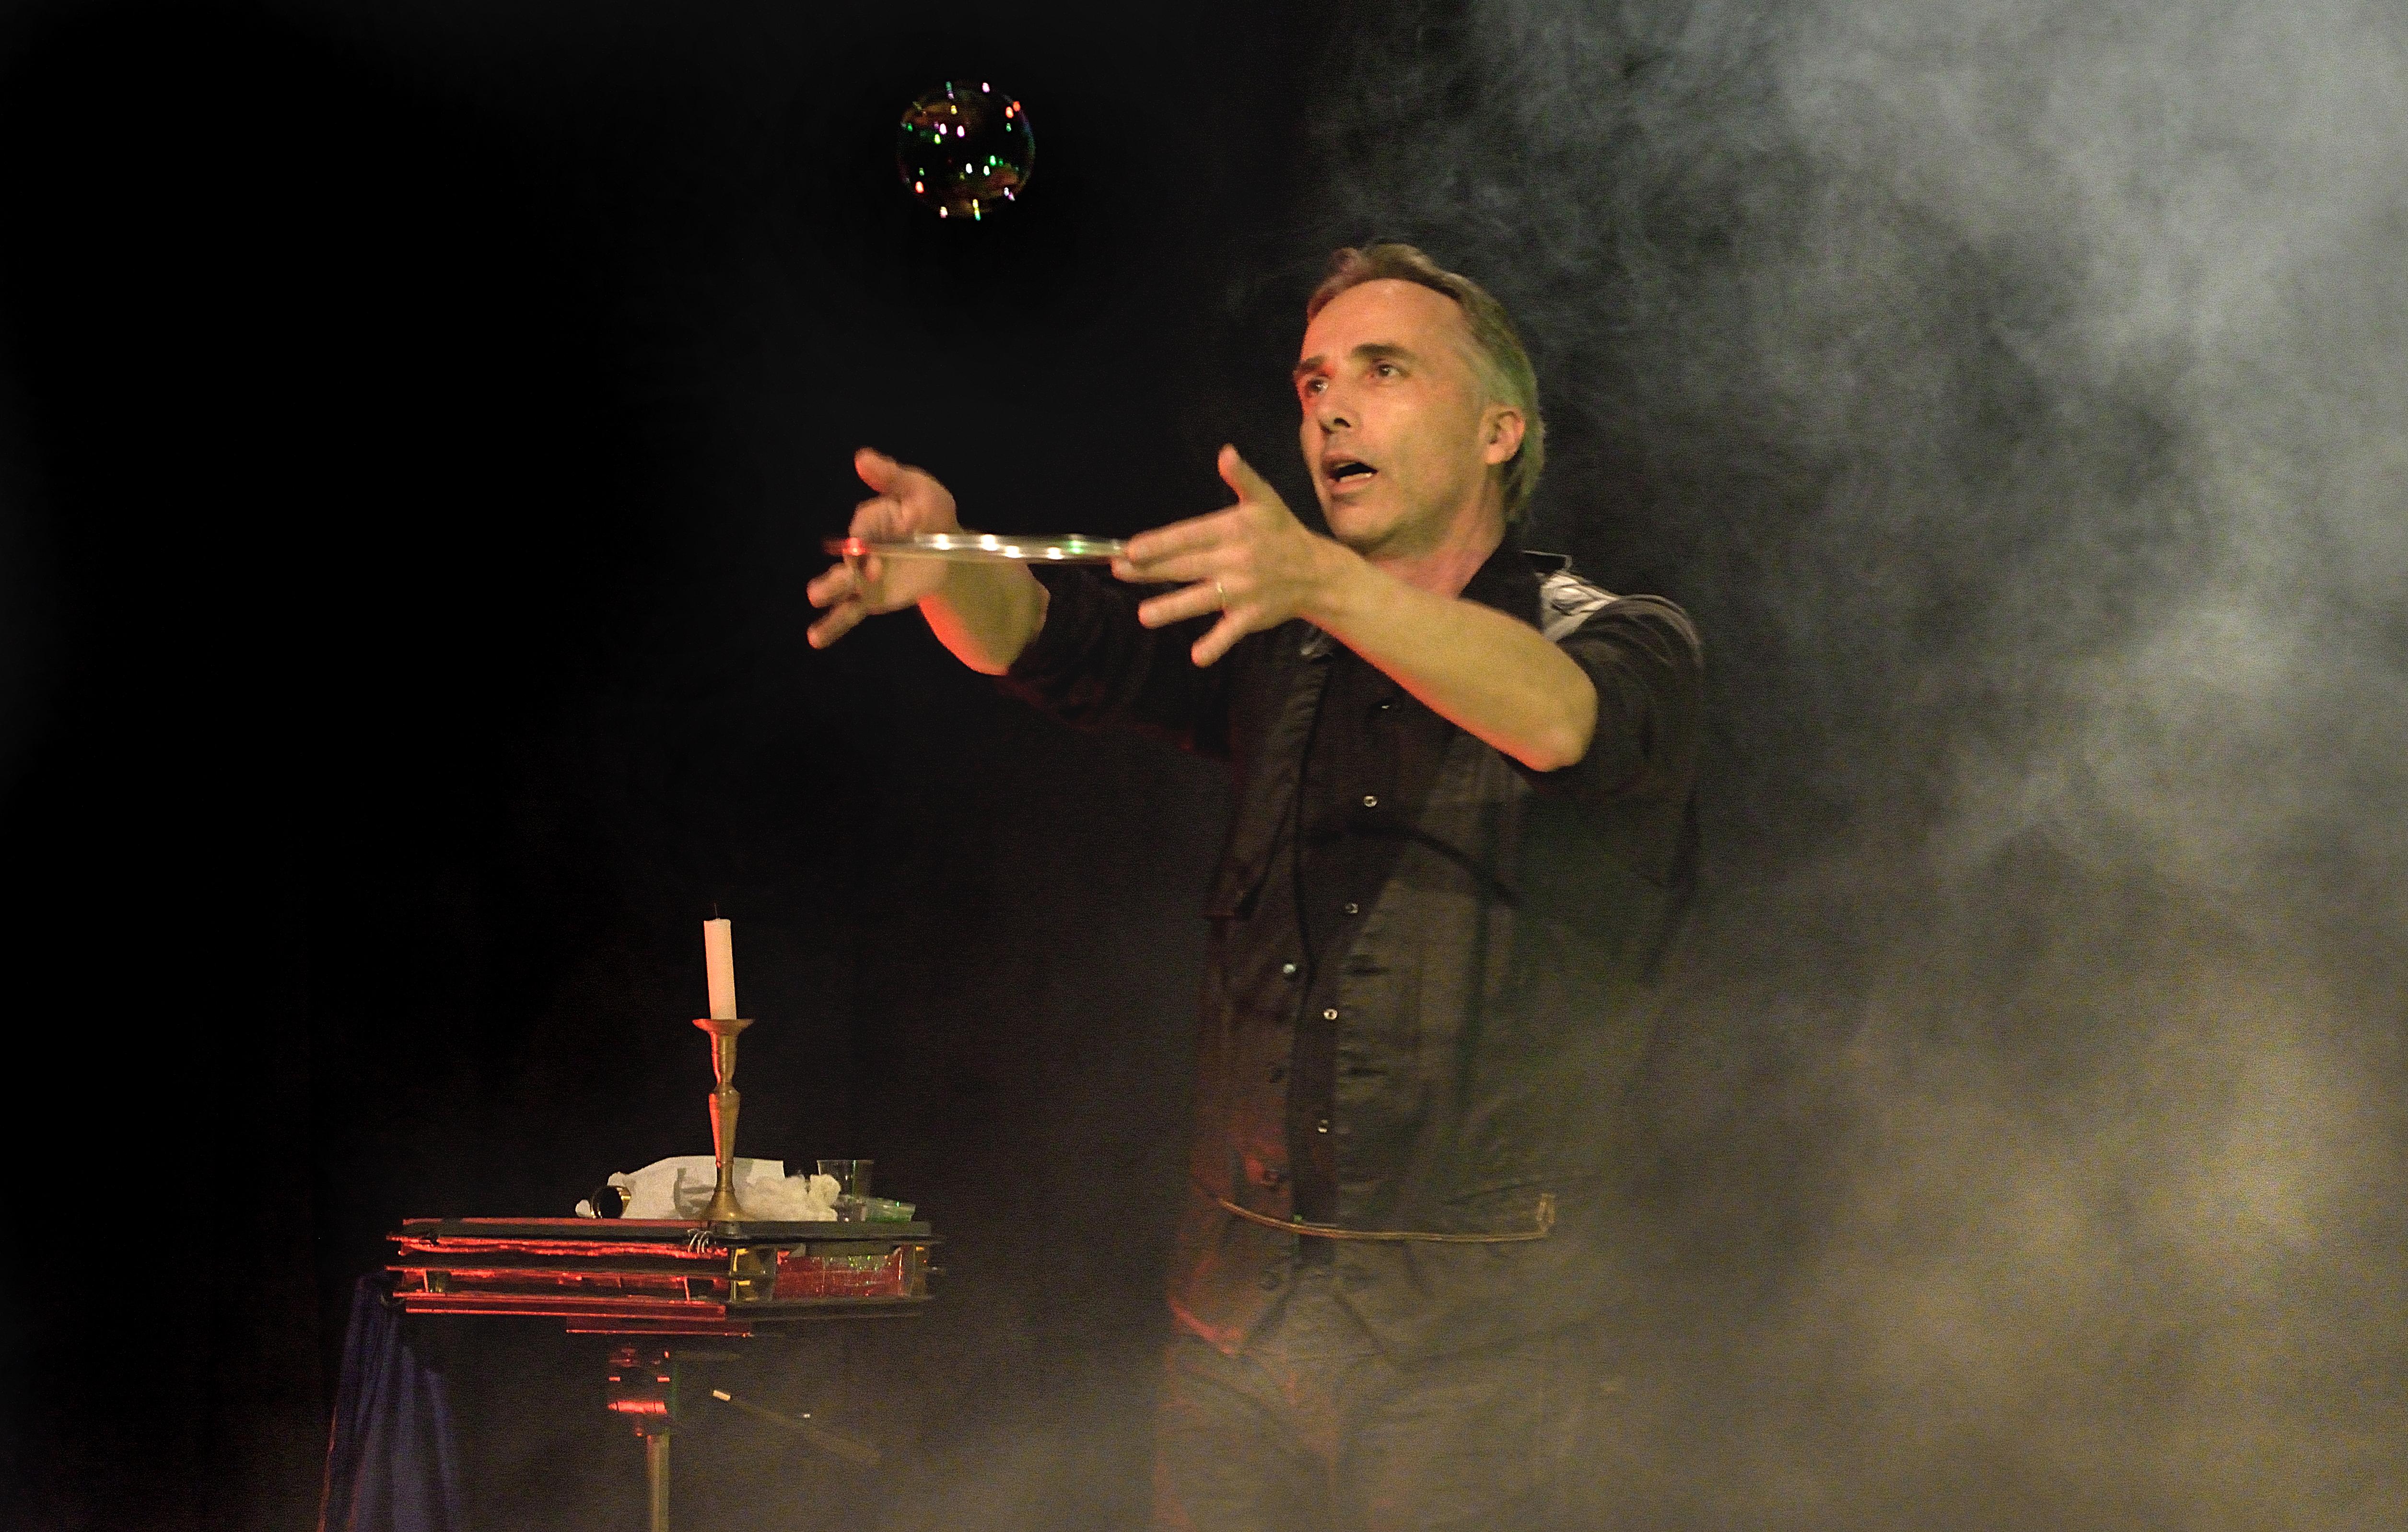 Teatro Vercelli - bolle di sapone